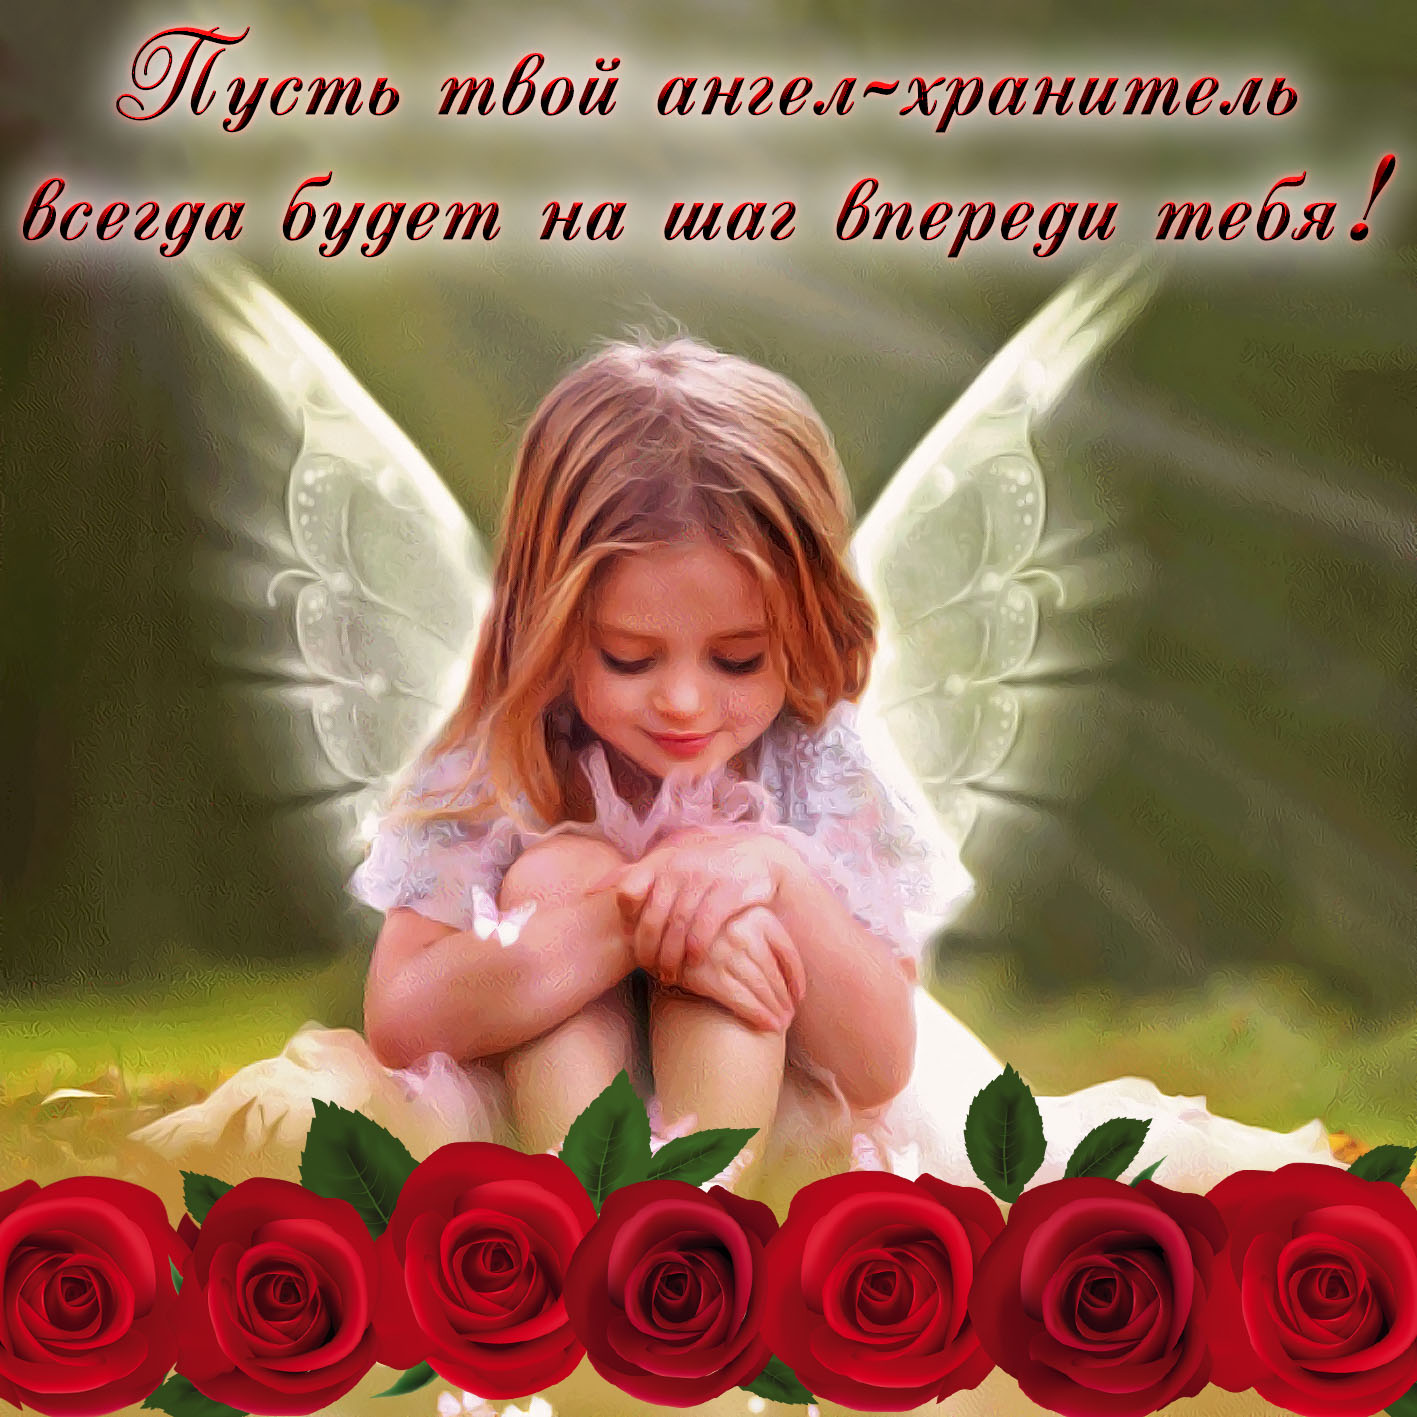 ангел тебе поможет открытка матрицы, внутри